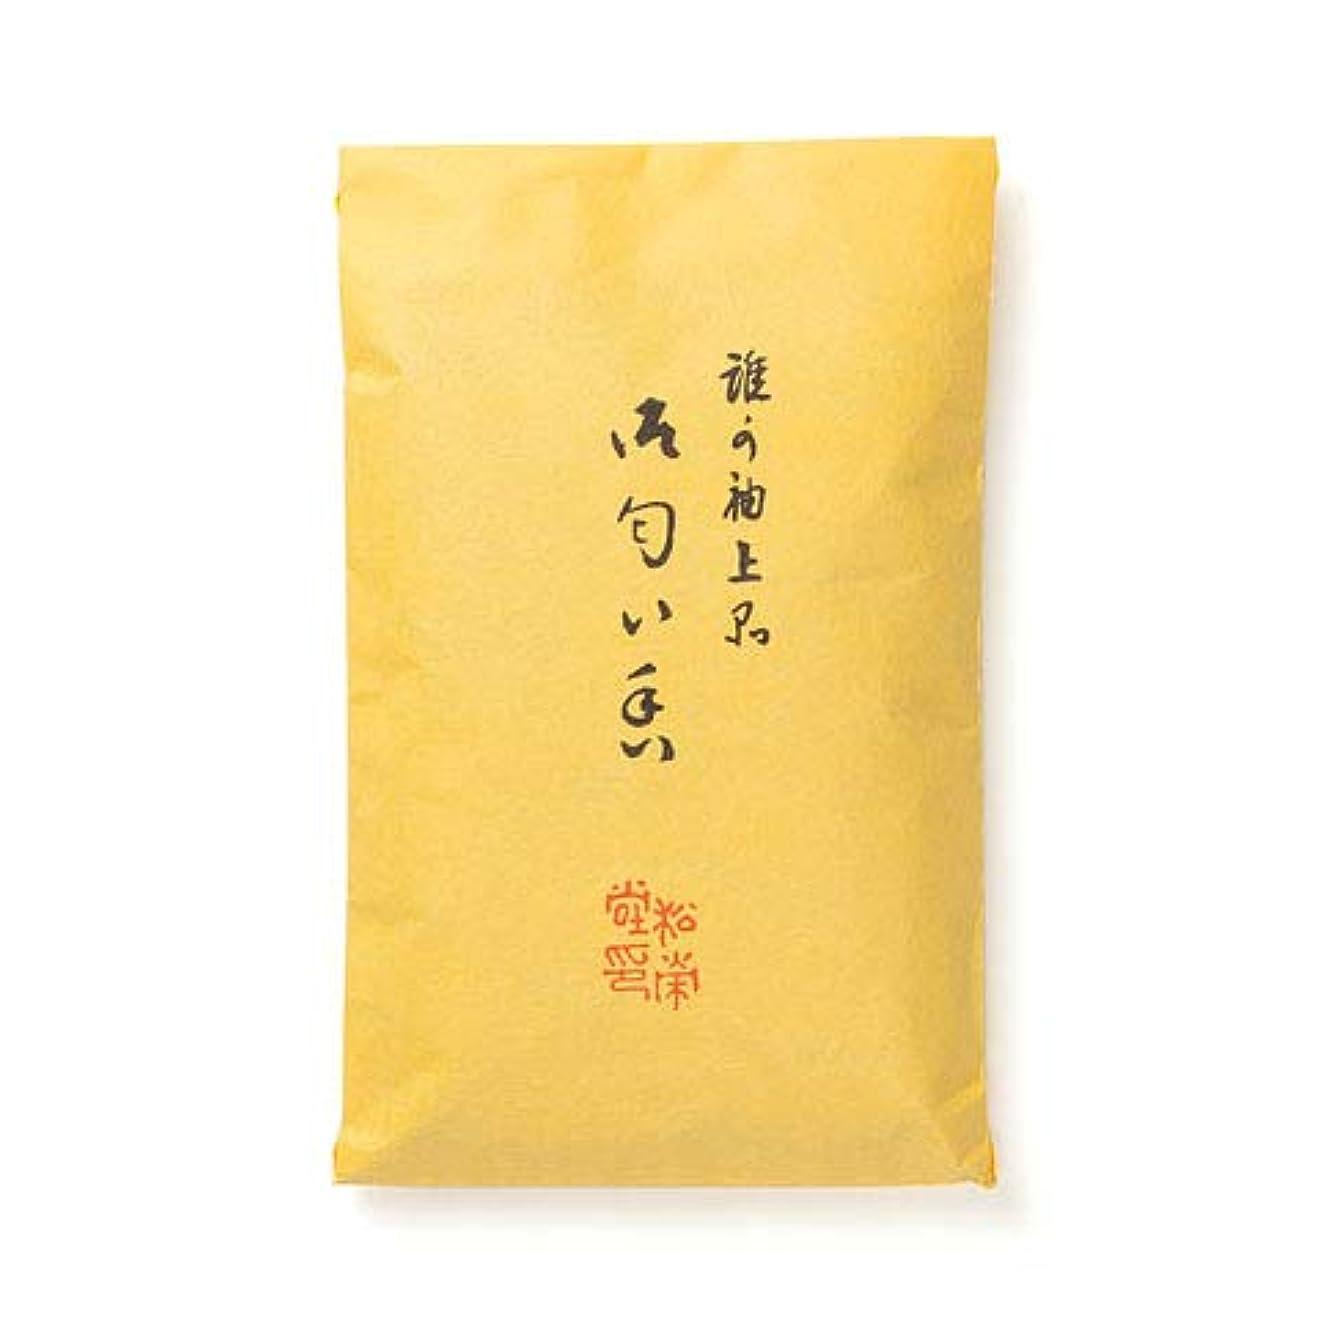 素子ロゴドキドキ松栄堂 誰が袖 上品 匂い香 50g袋入